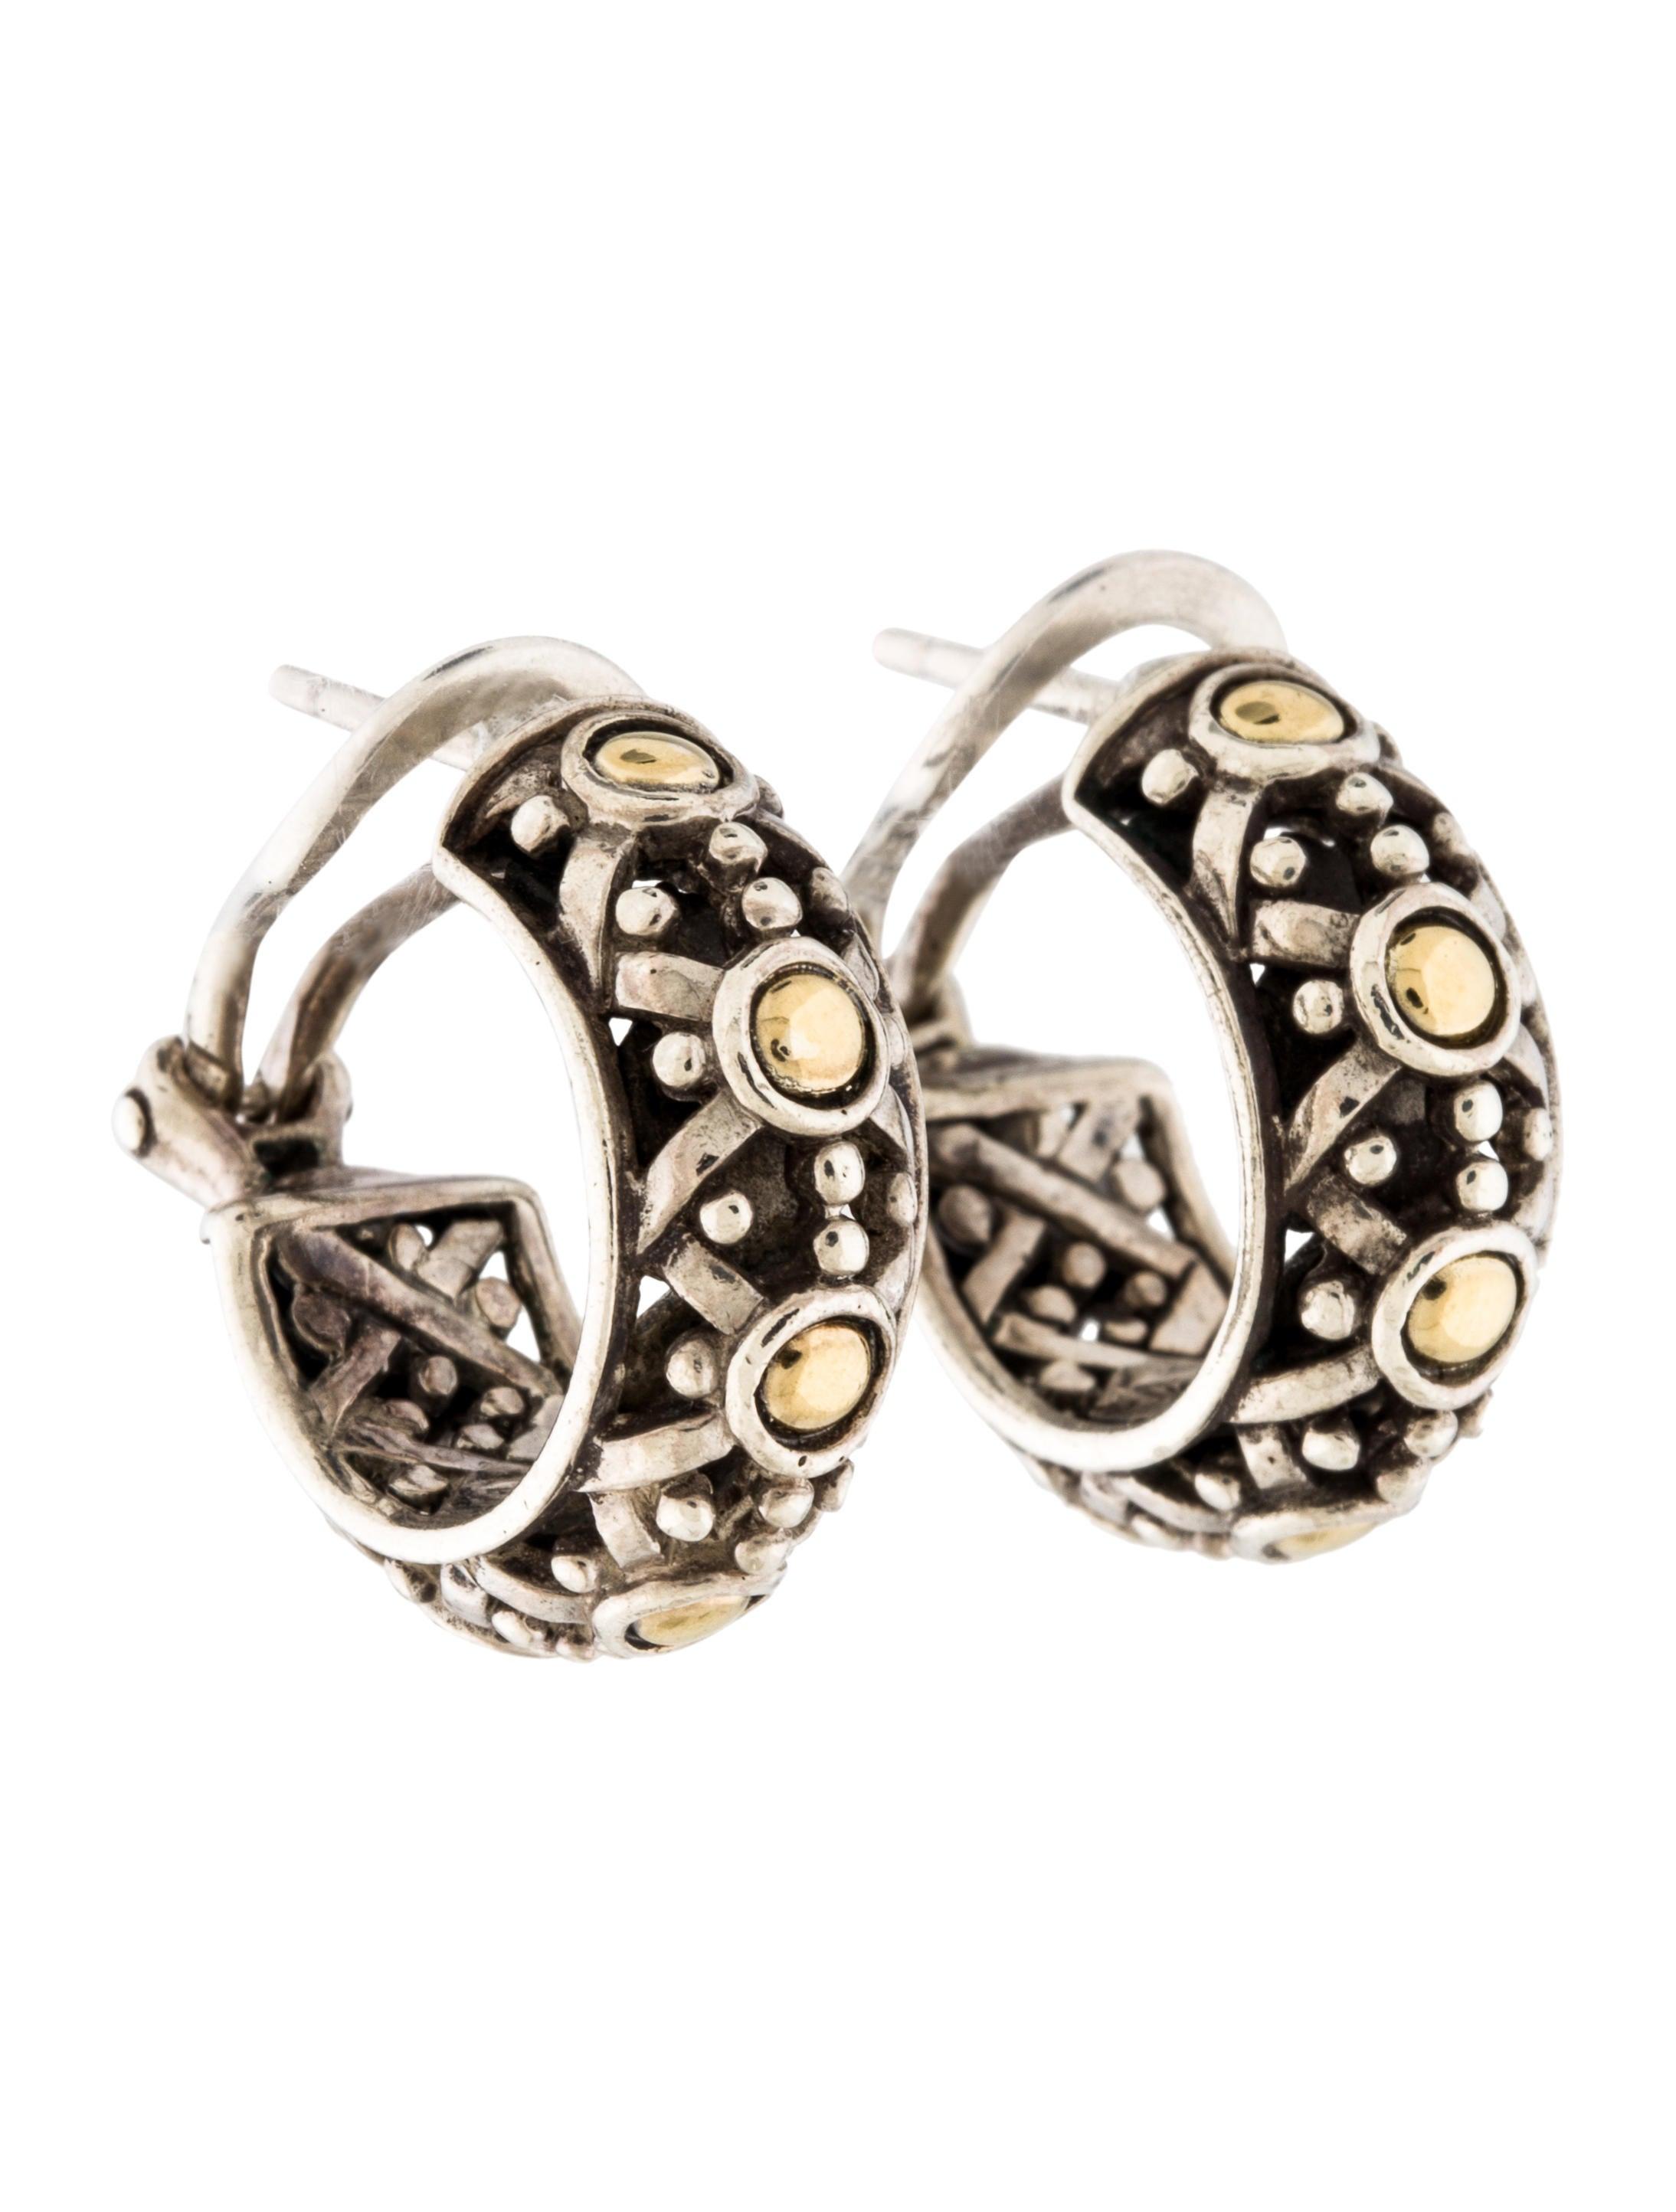 John hardy two tone hoop earrings earrings jha27146 for John hardy jewelry earrings